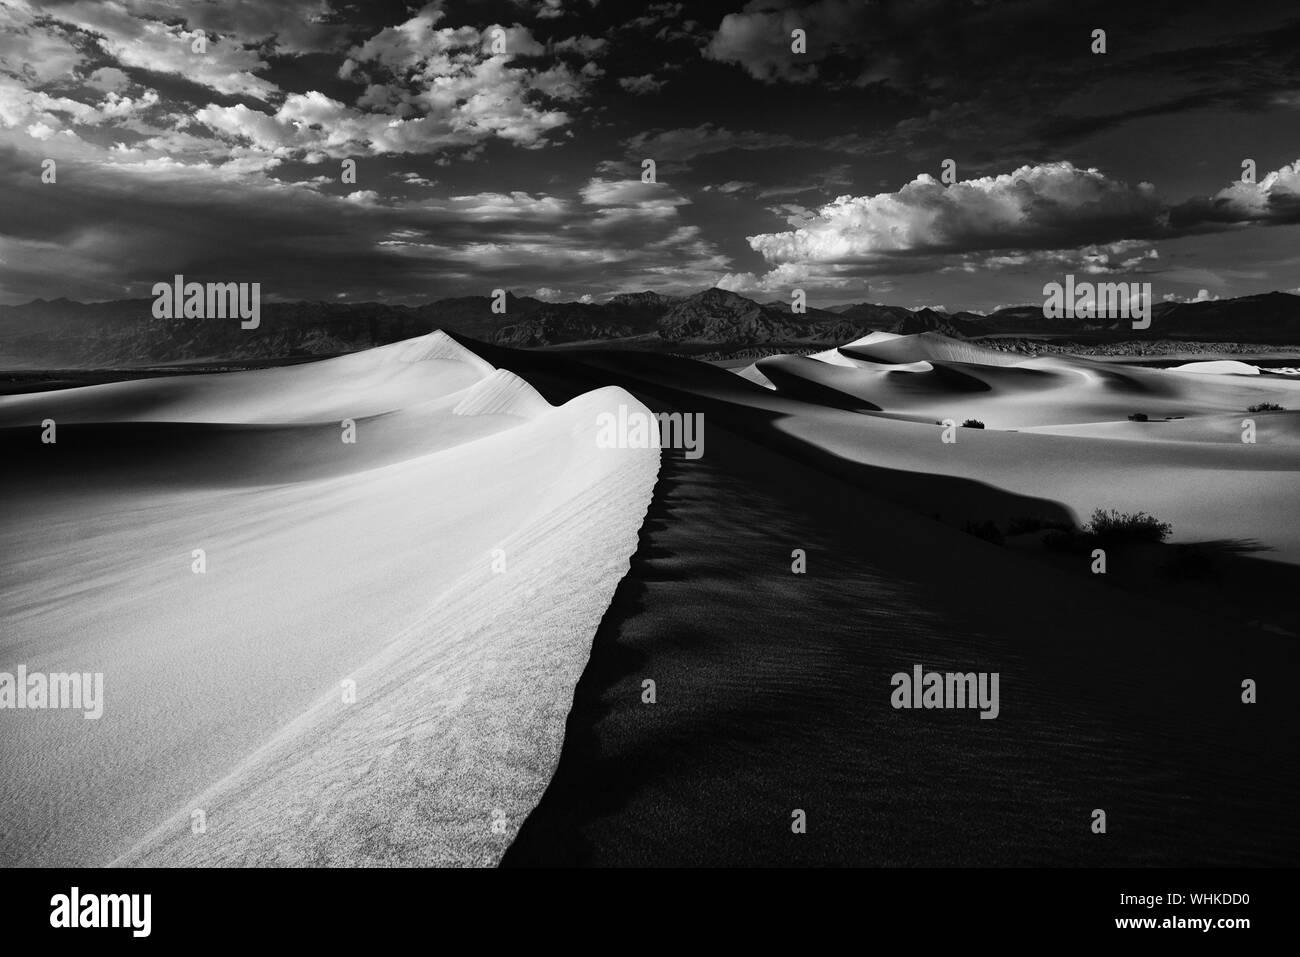 Vue panoramique de Mesquite Flat dunes de sable contre Ciel nuageux Banque D'Images